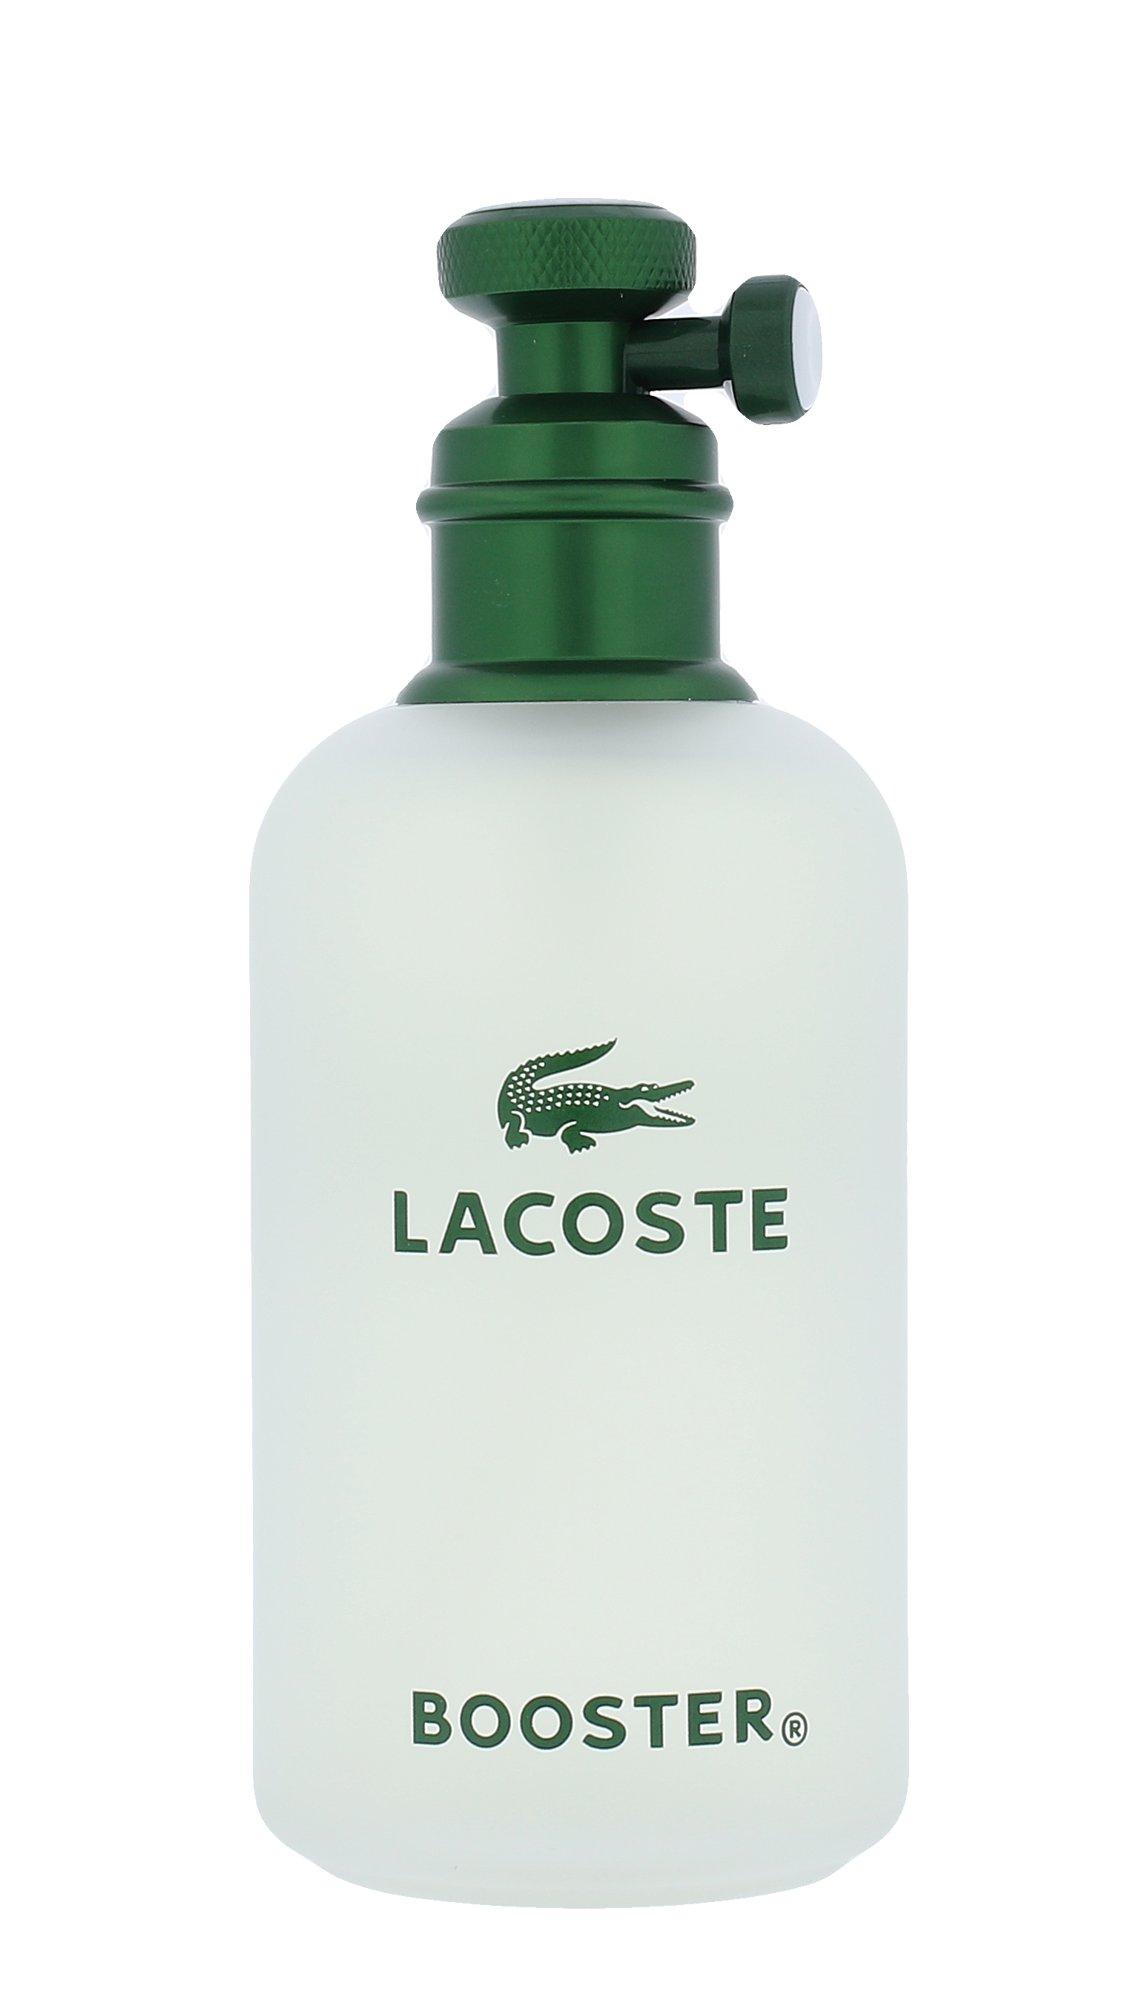 Lacoste Booster, Toaletná voda 125ml